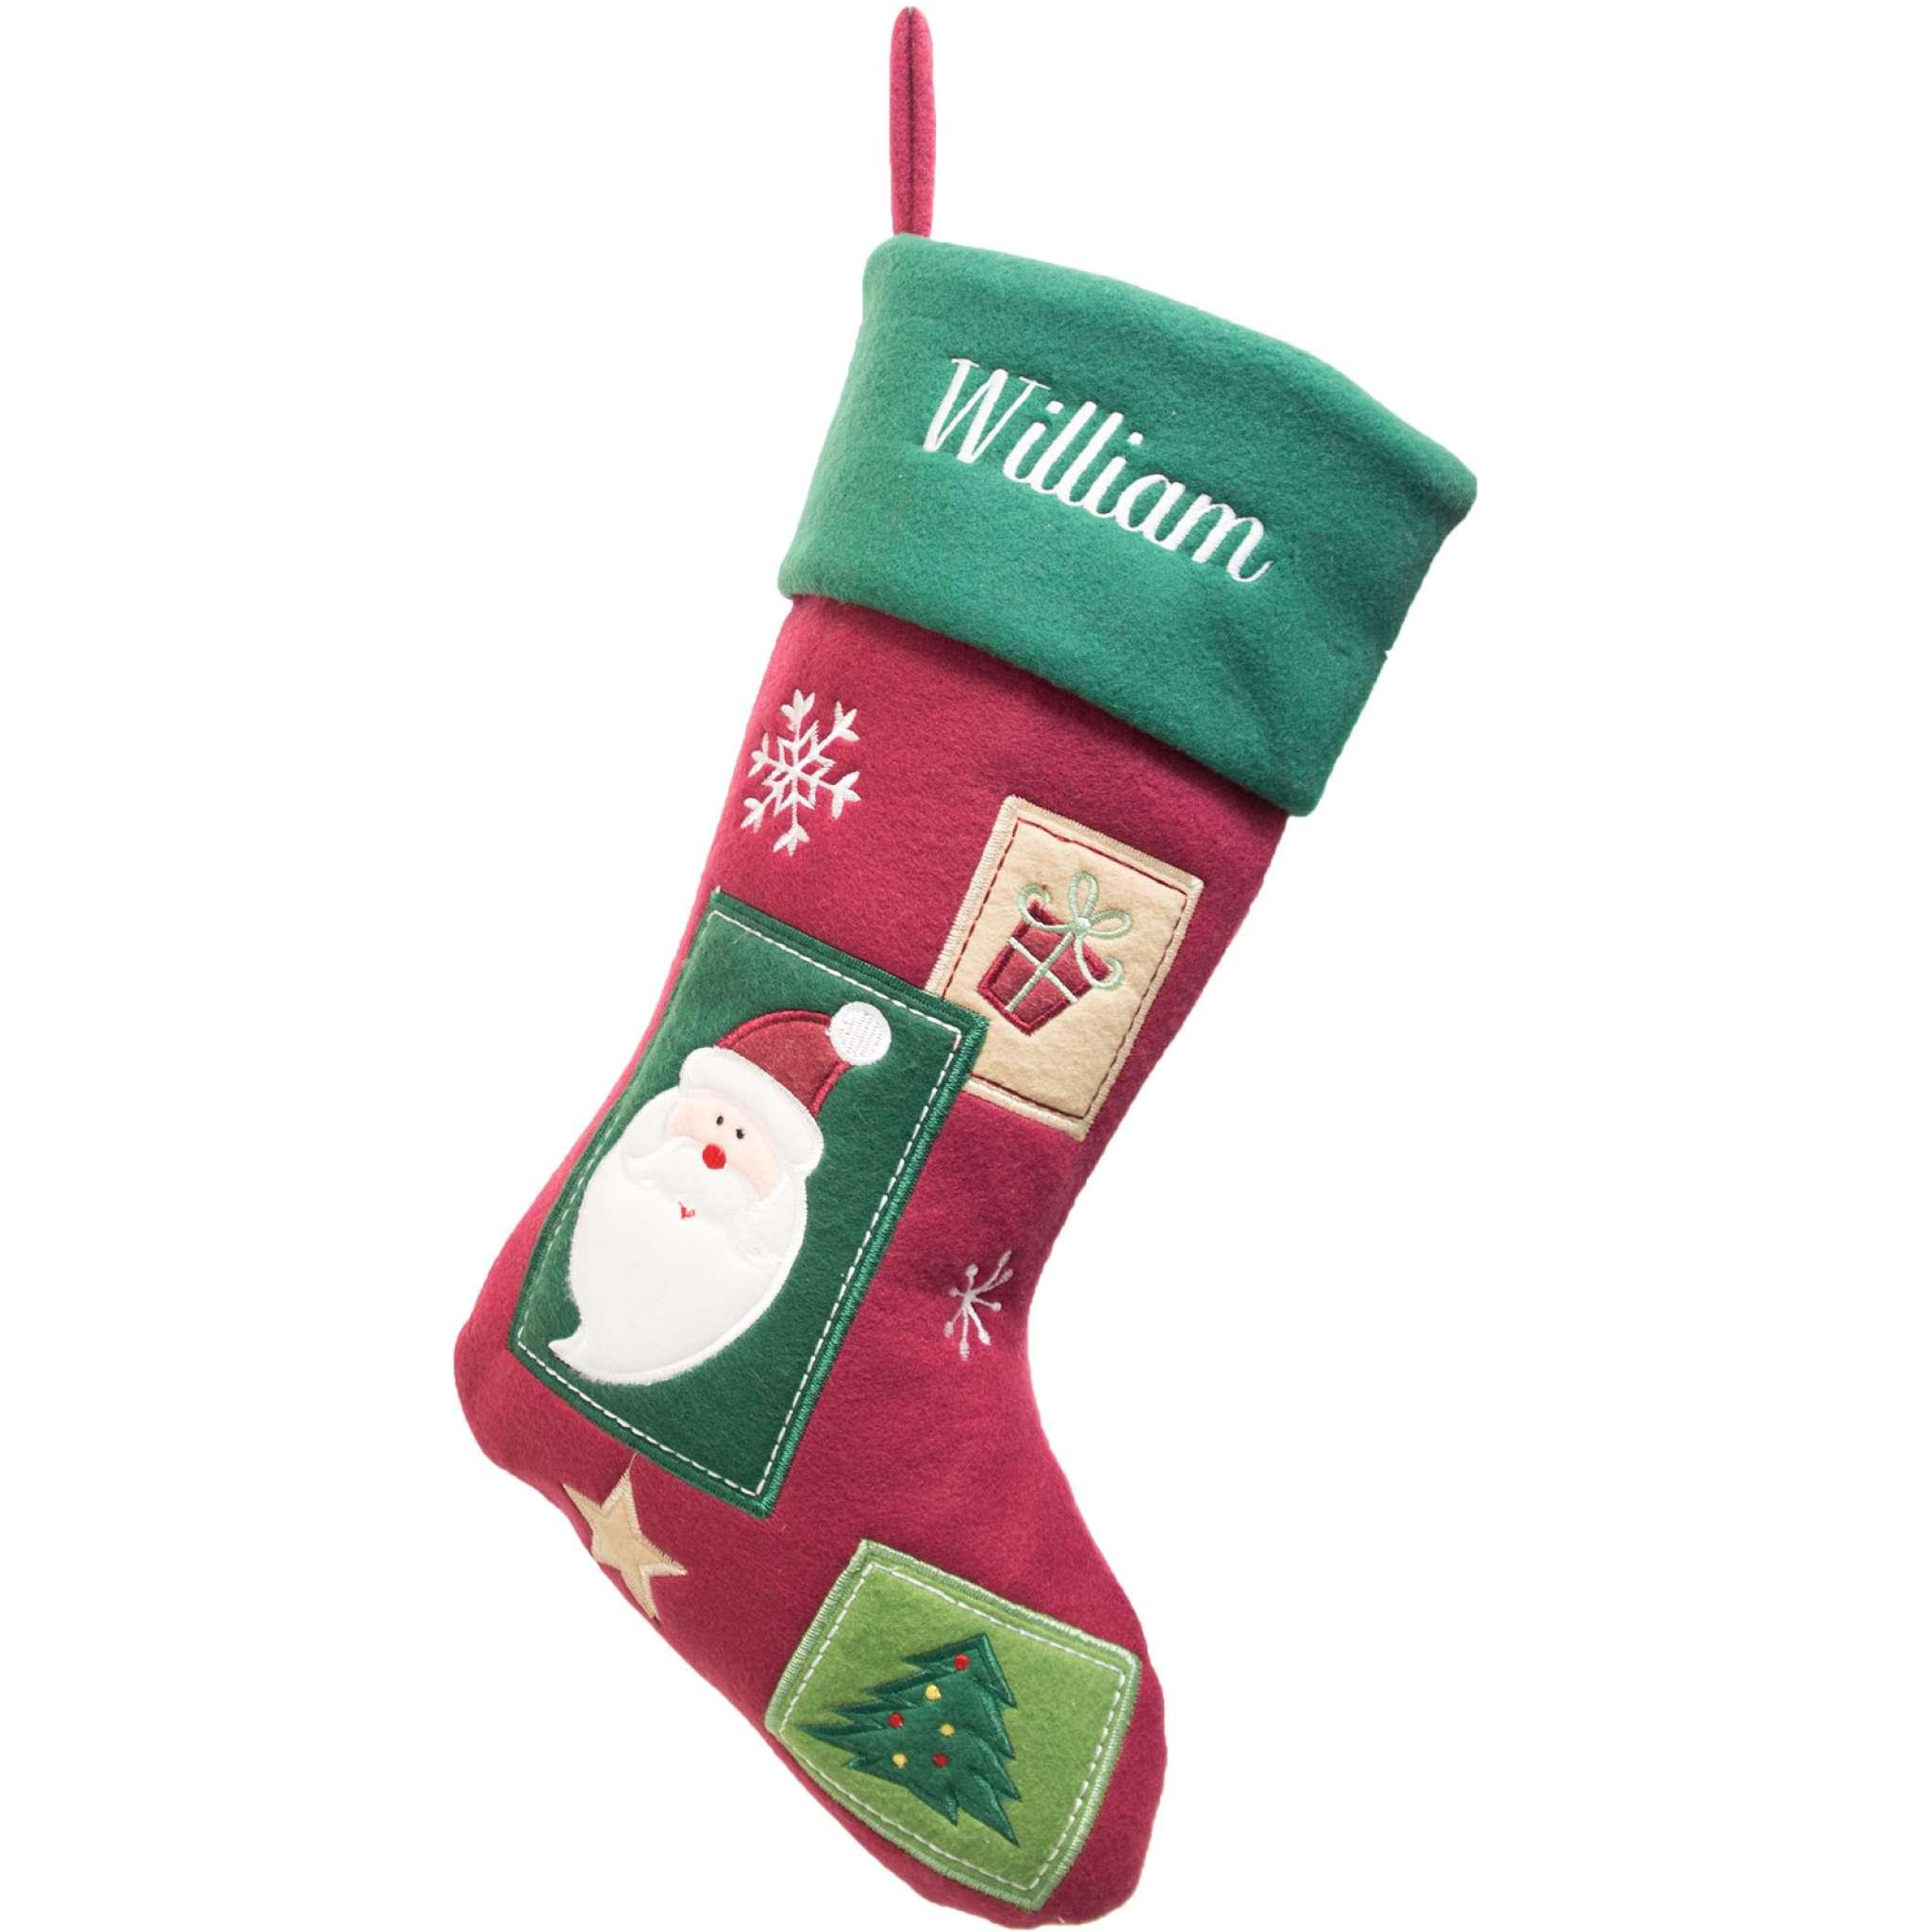 Weihnachtsstrumpf Premium, traditionelles Muster, dunkelrot